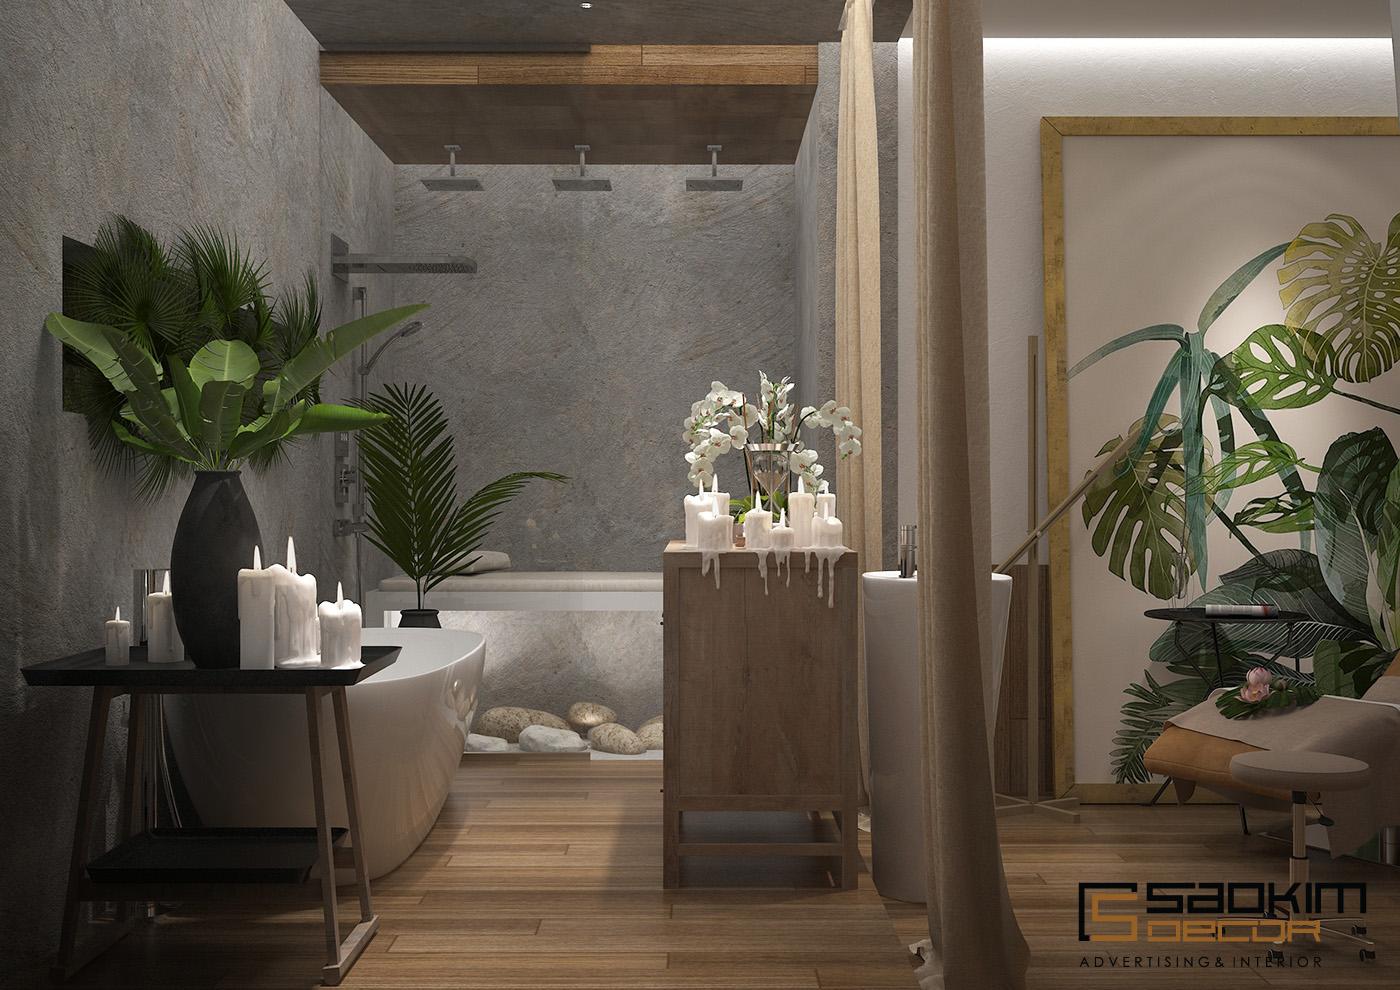 Thiết kế nội thất spa tinh tế với gỗ kết hợp cùng phào chỉ gam màu trắng tinh khôi